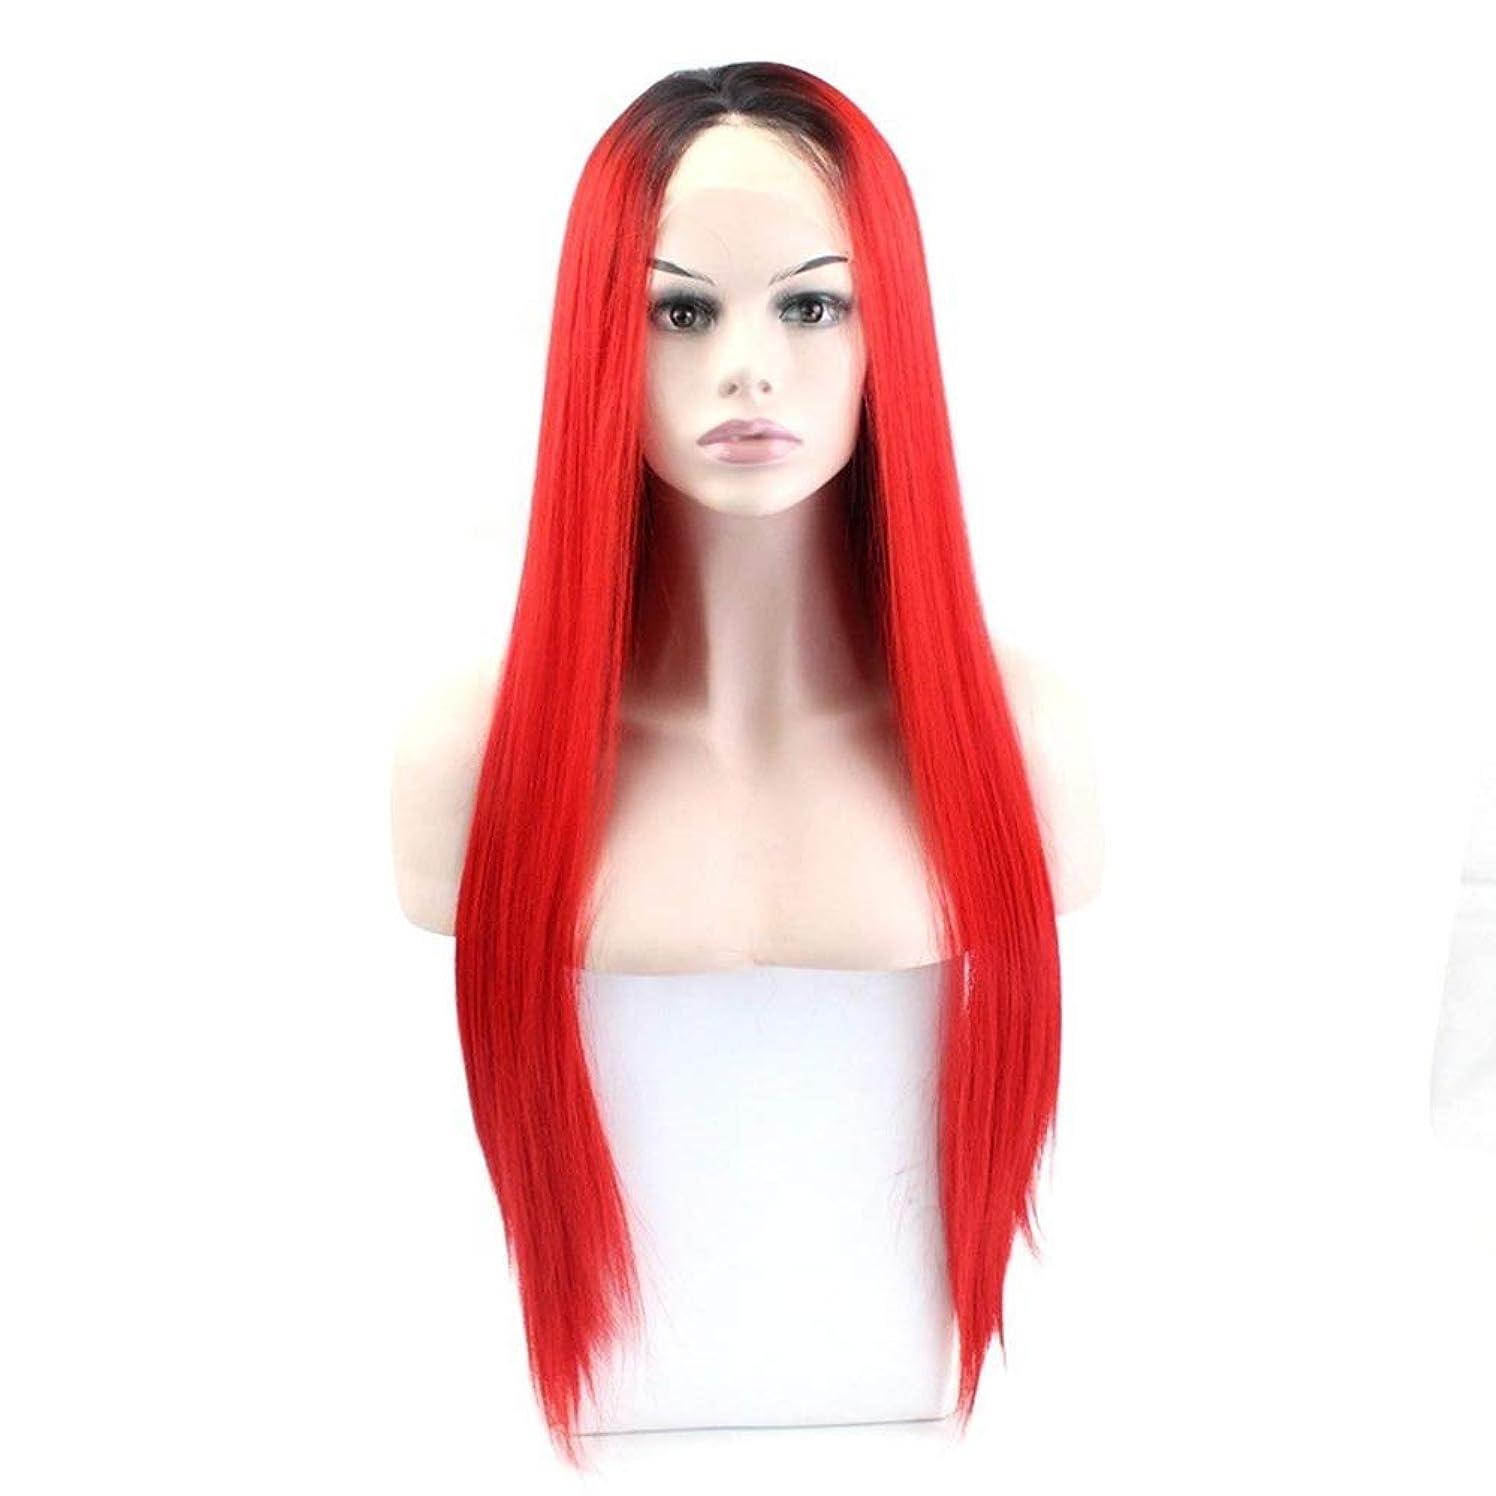 に免除シンプトンZXF ヨーロッパとアメリカのかつら女性のフロントレース化学繊維かつらレースのかつら長い髪のワインレッドの高温シルクのかつらを染めることができます 美しい